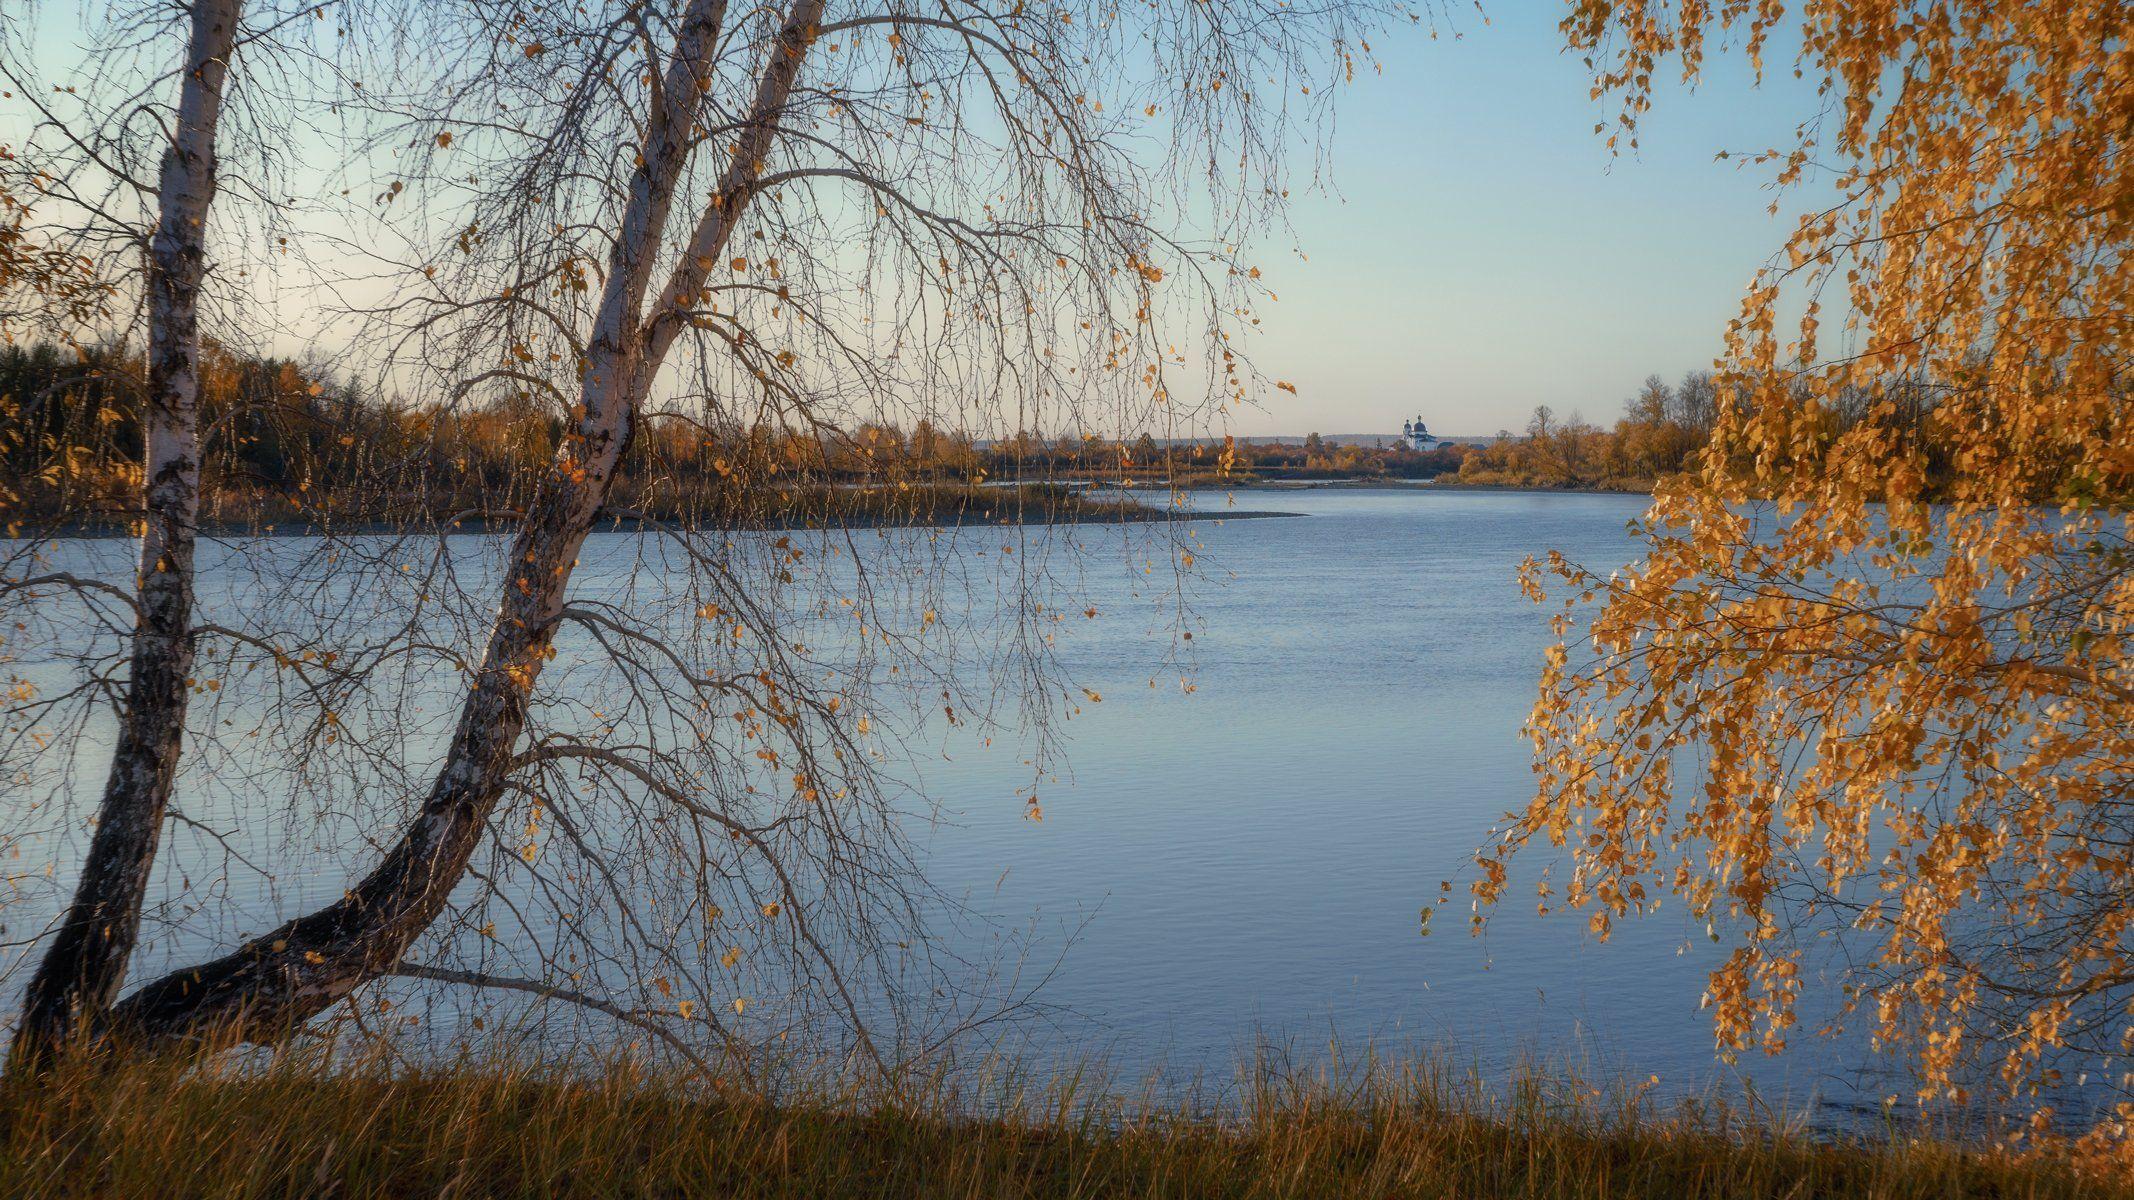 russia, siberia, golden autumn, the river oka, the orthodox church, birches., Сергей Козлов